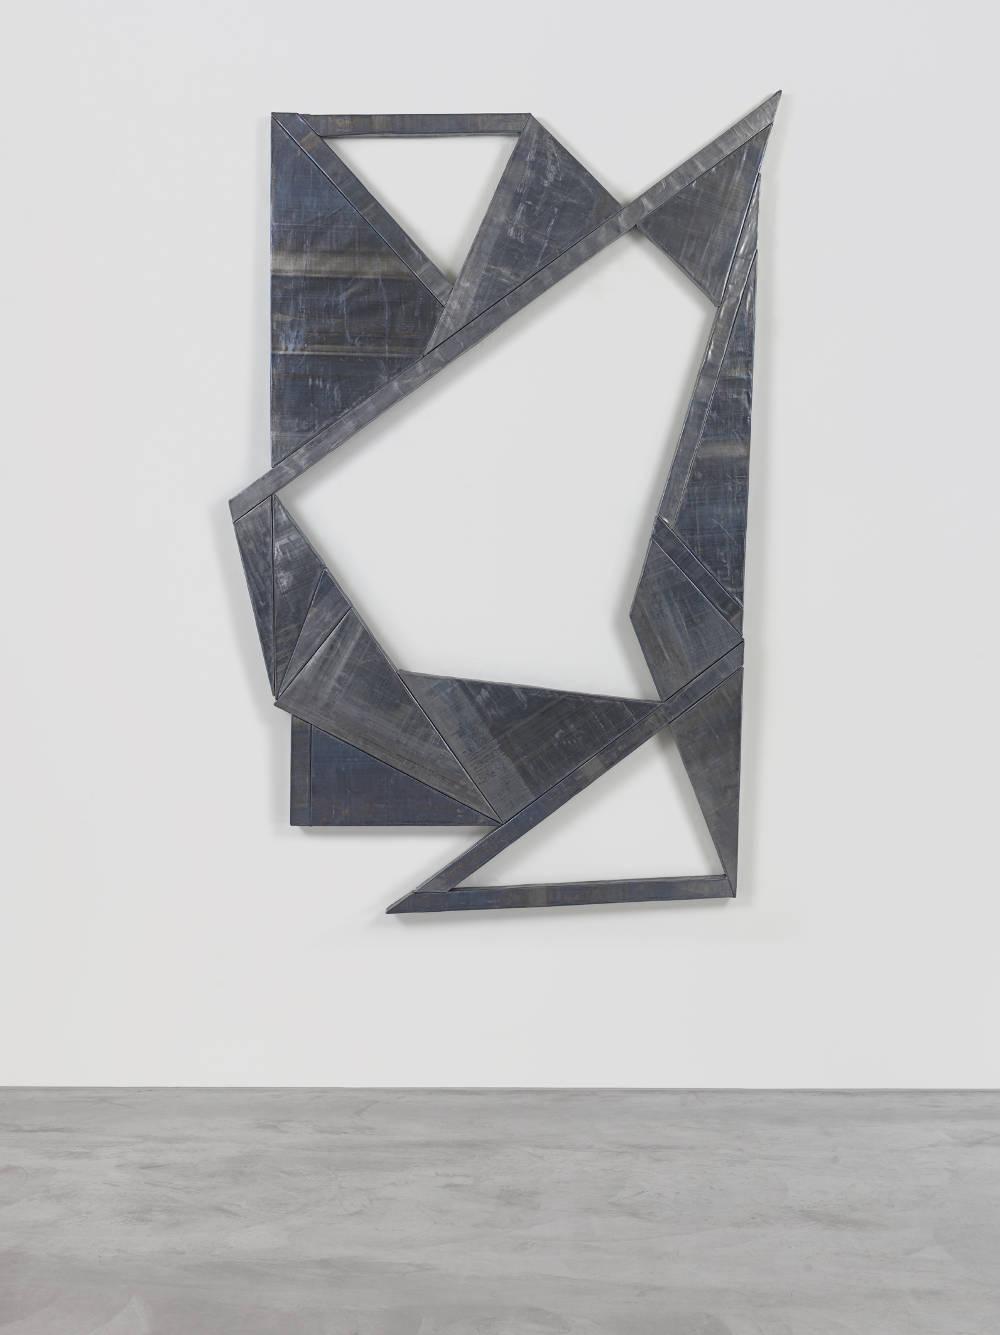 WYATT KAHN, Untitled, 2016. Lead on panel 218.5 x 157.5 cm / 86 x 62 inches